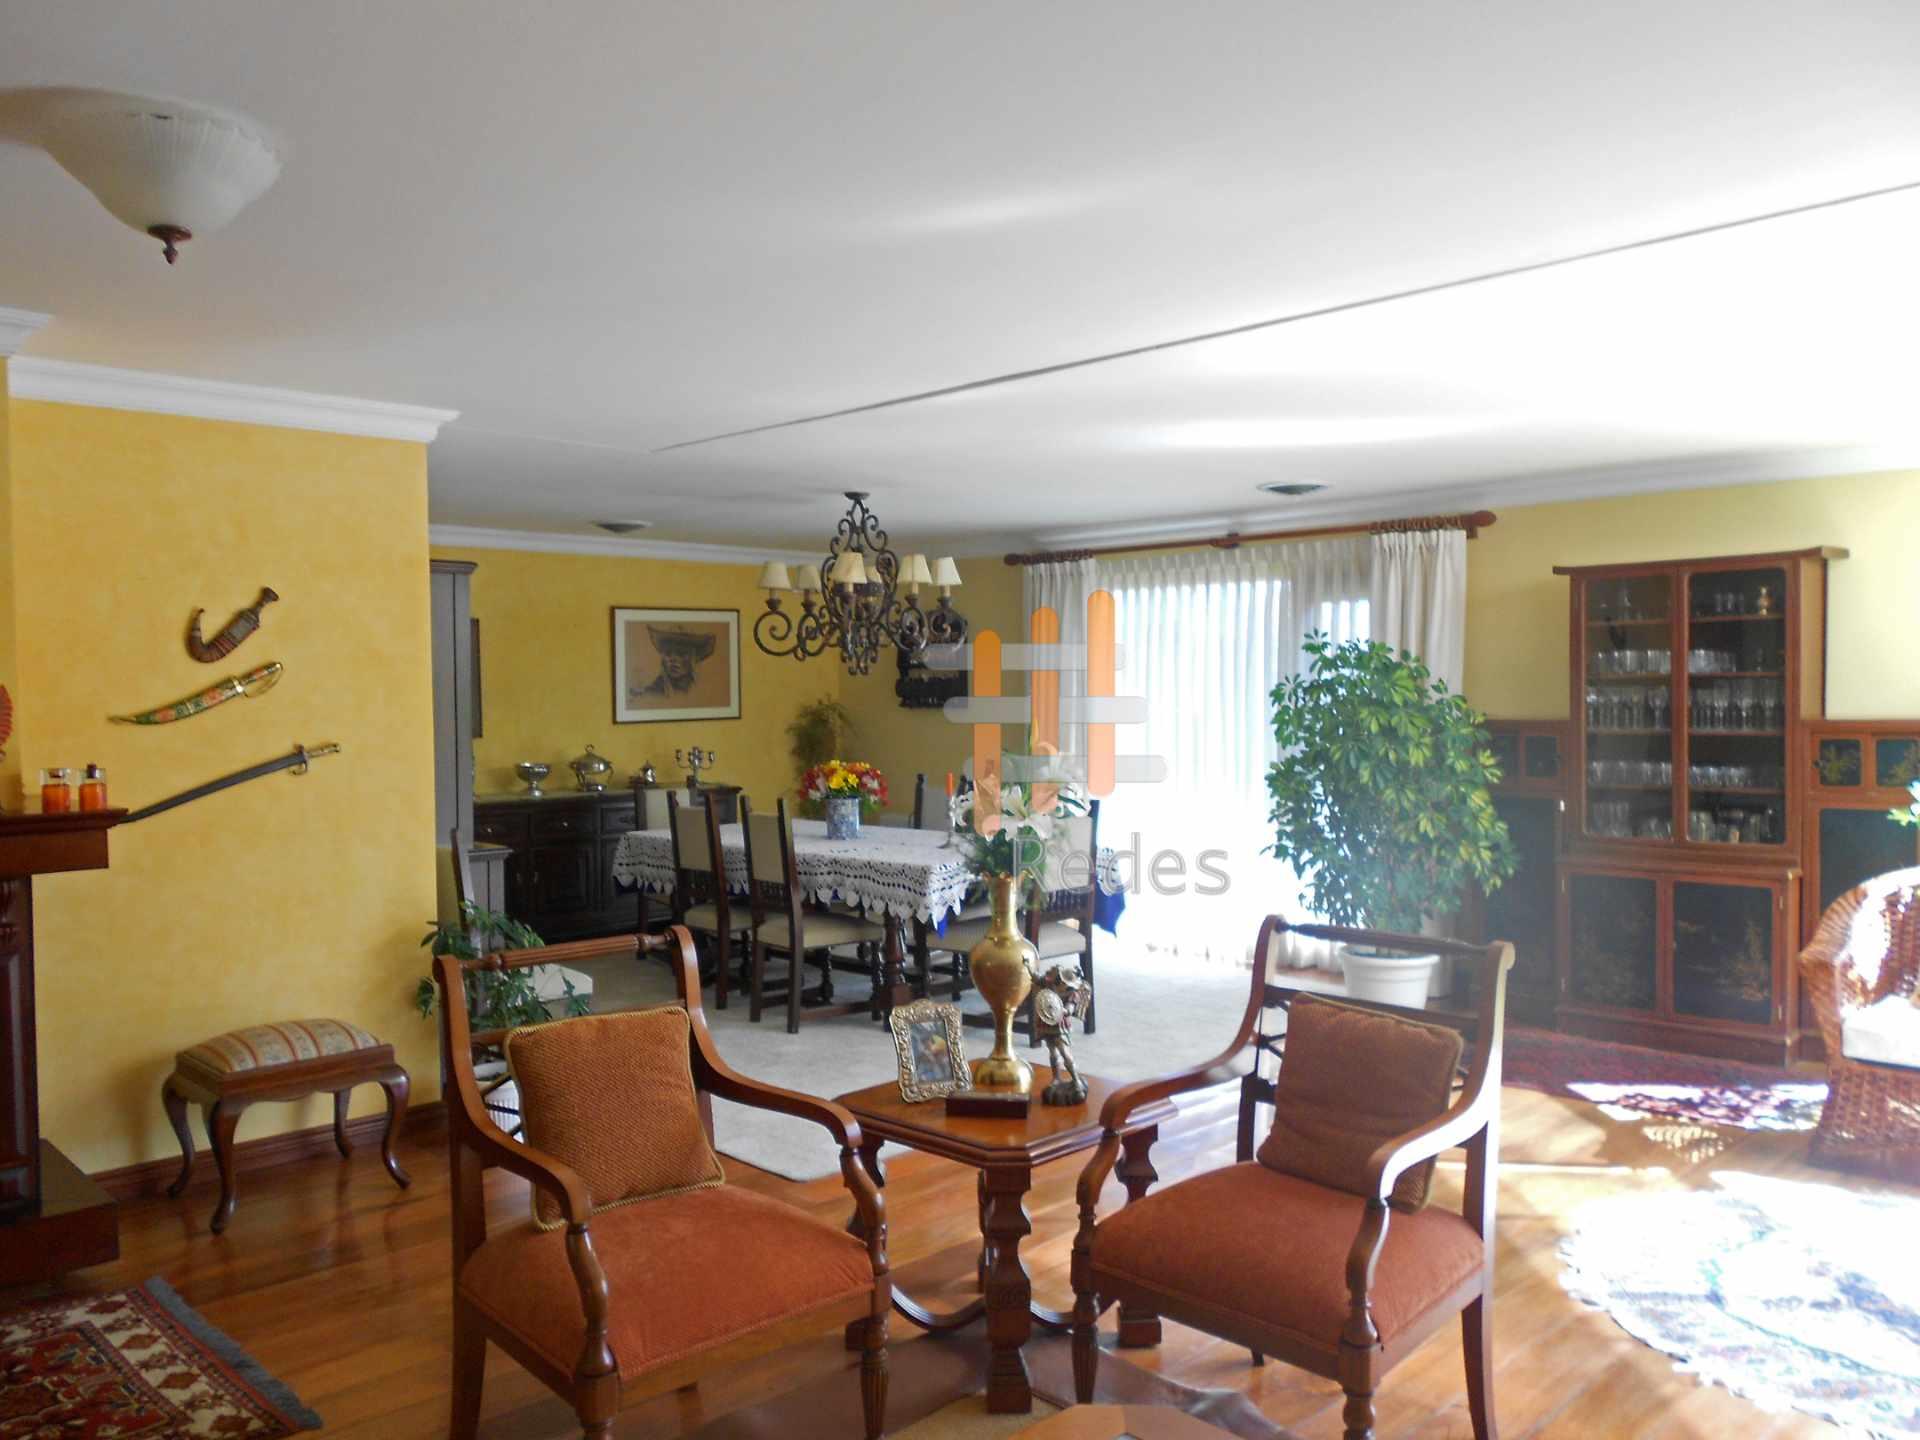 Casa en Alquiler PRECIOSA RESIDENCIA EN JARDINES DEL SUR EN ALQUILER Foto 11